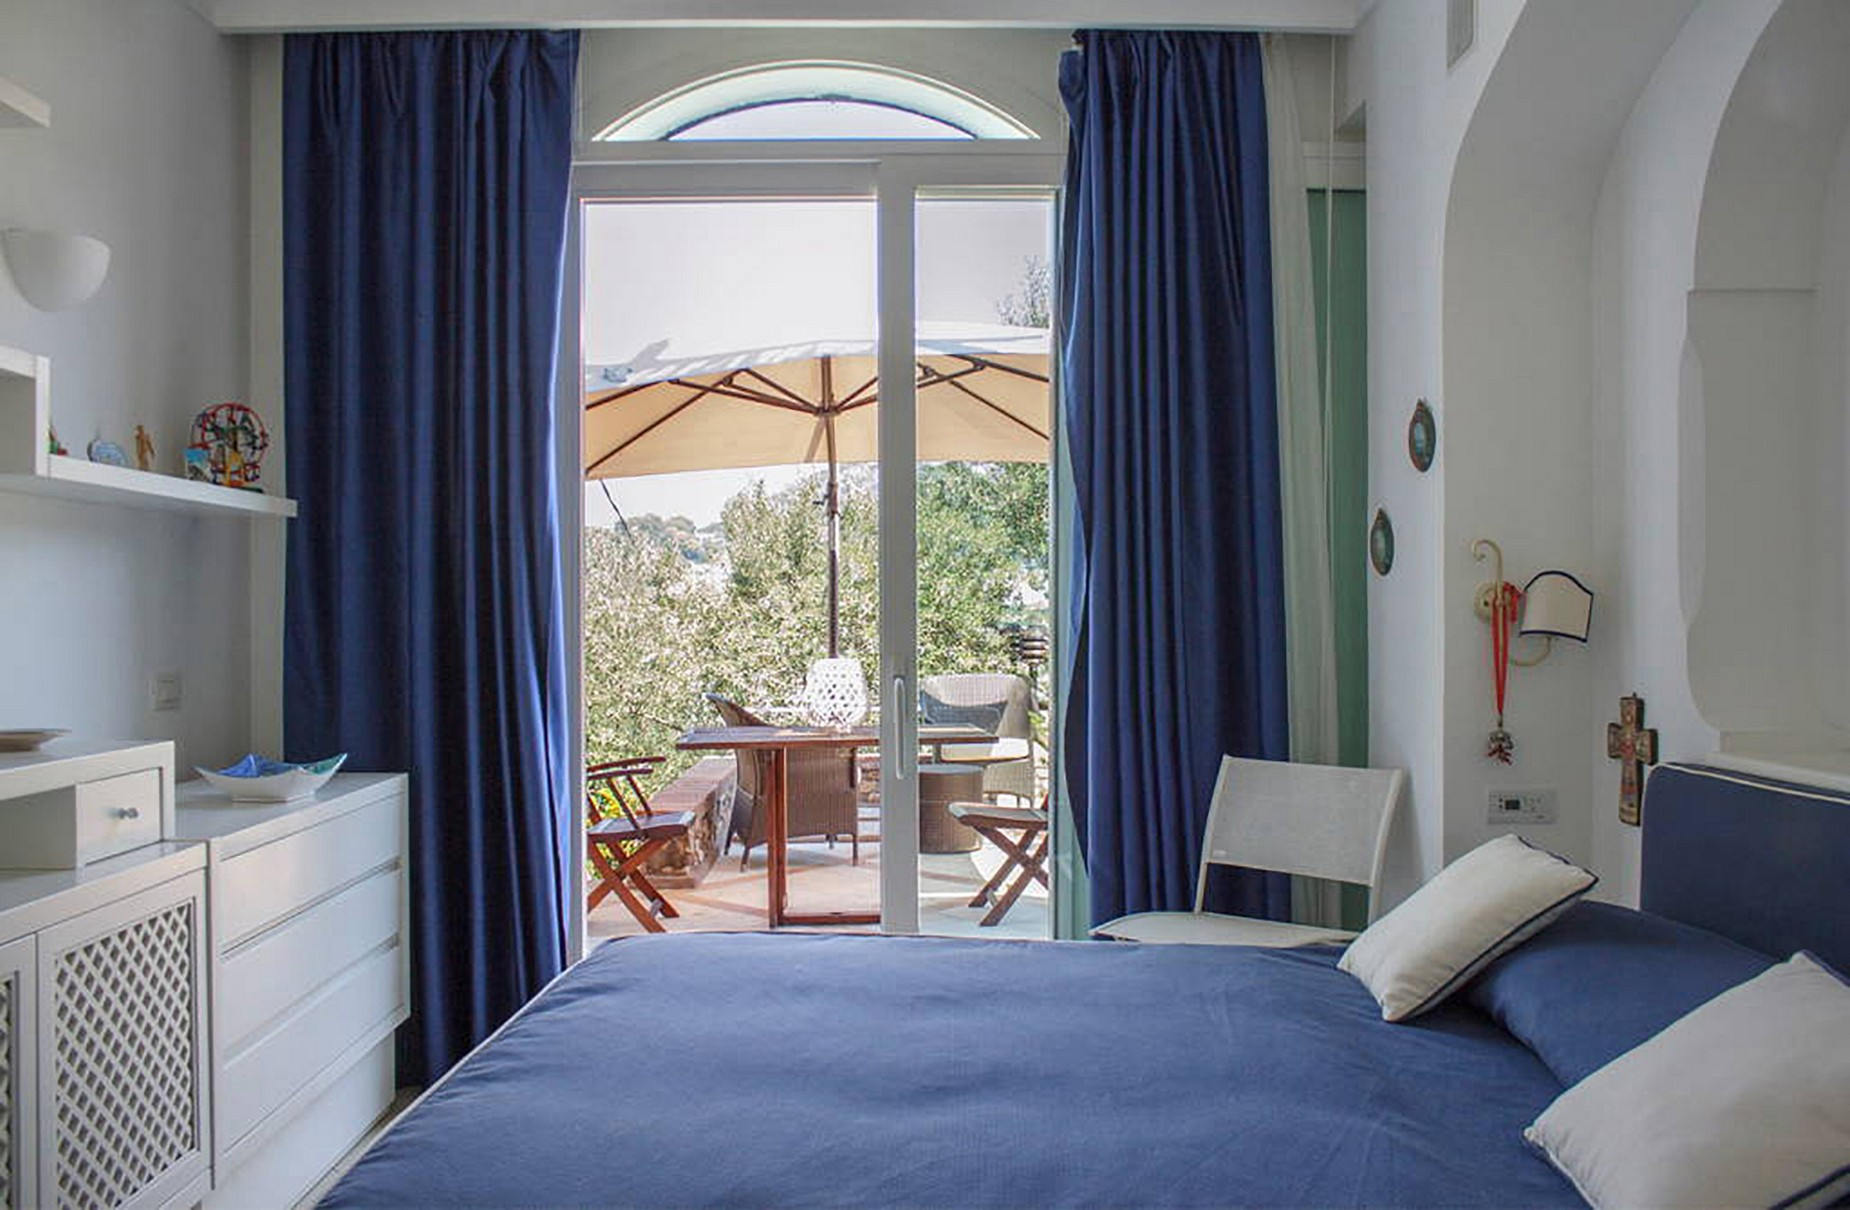 Villa in Vendita a Capri: 5 locali, 150 mq - Foto 11